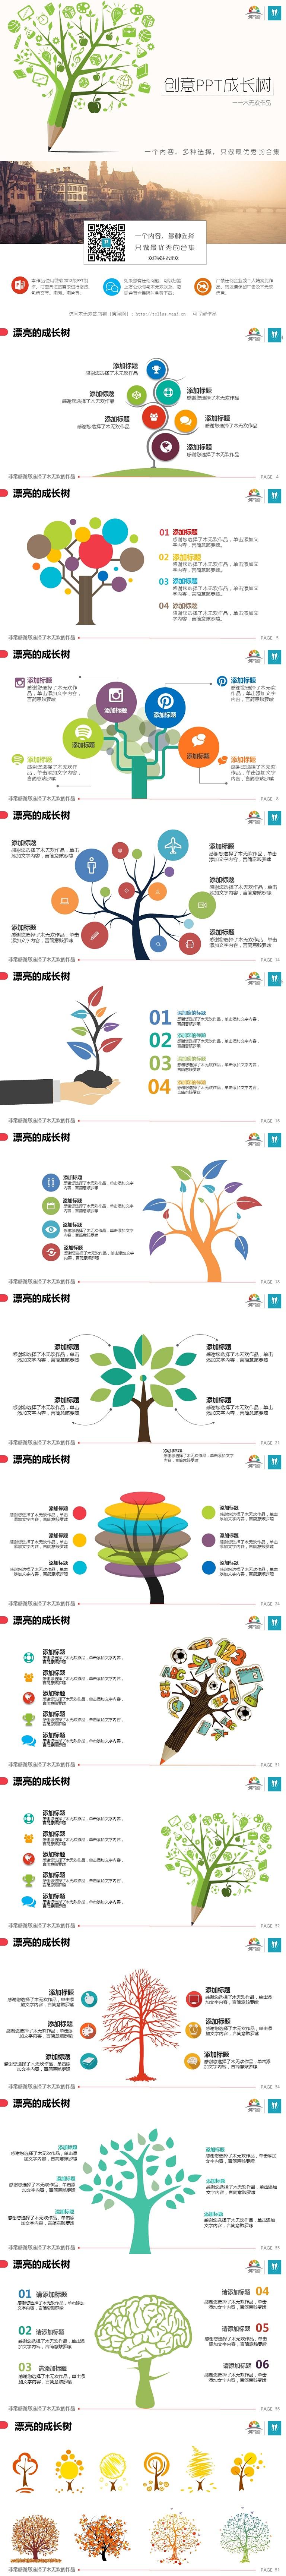 【合集06】创意PPT成长树50页 前50名限时2折